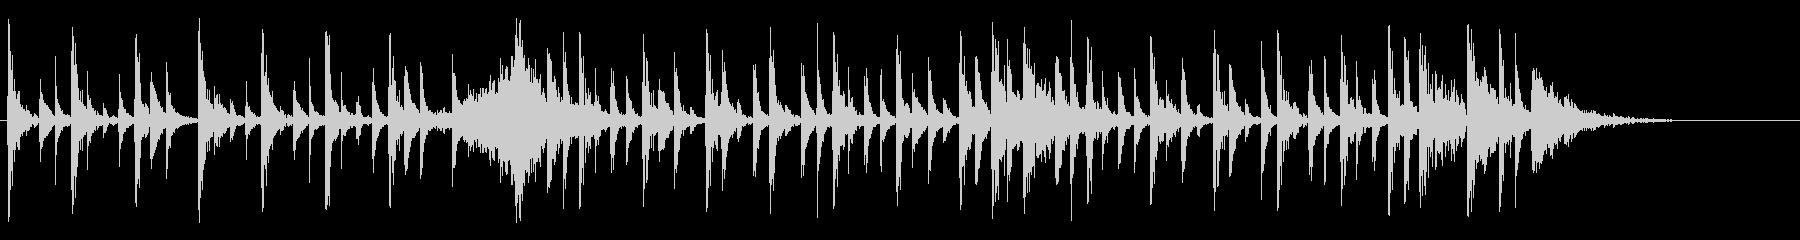 ドラム パーカス クラップ ジングルの未再生の波形